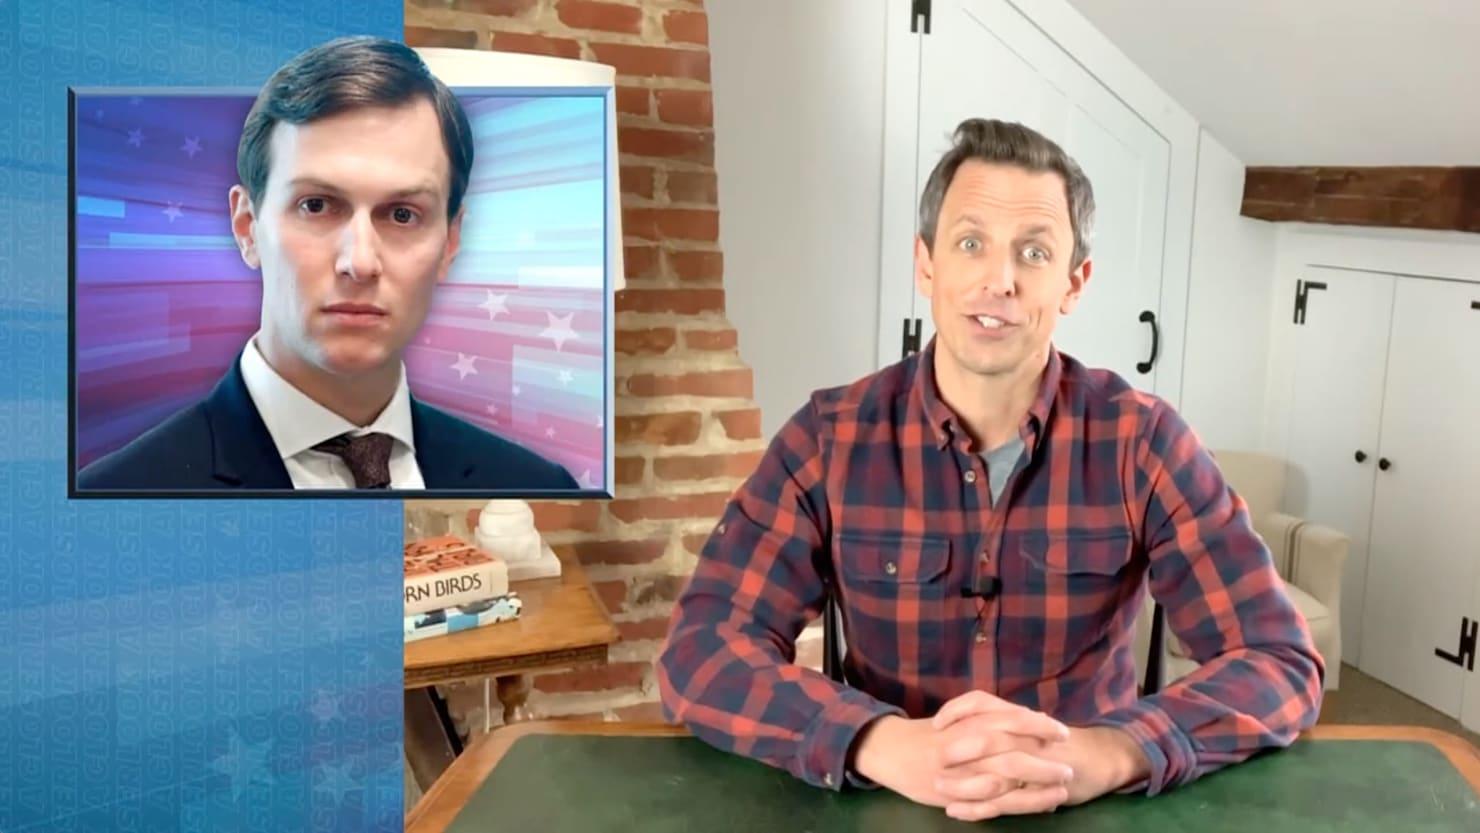 Seth Meyers Demolishes 'Nepotism Case' Jared Kushner